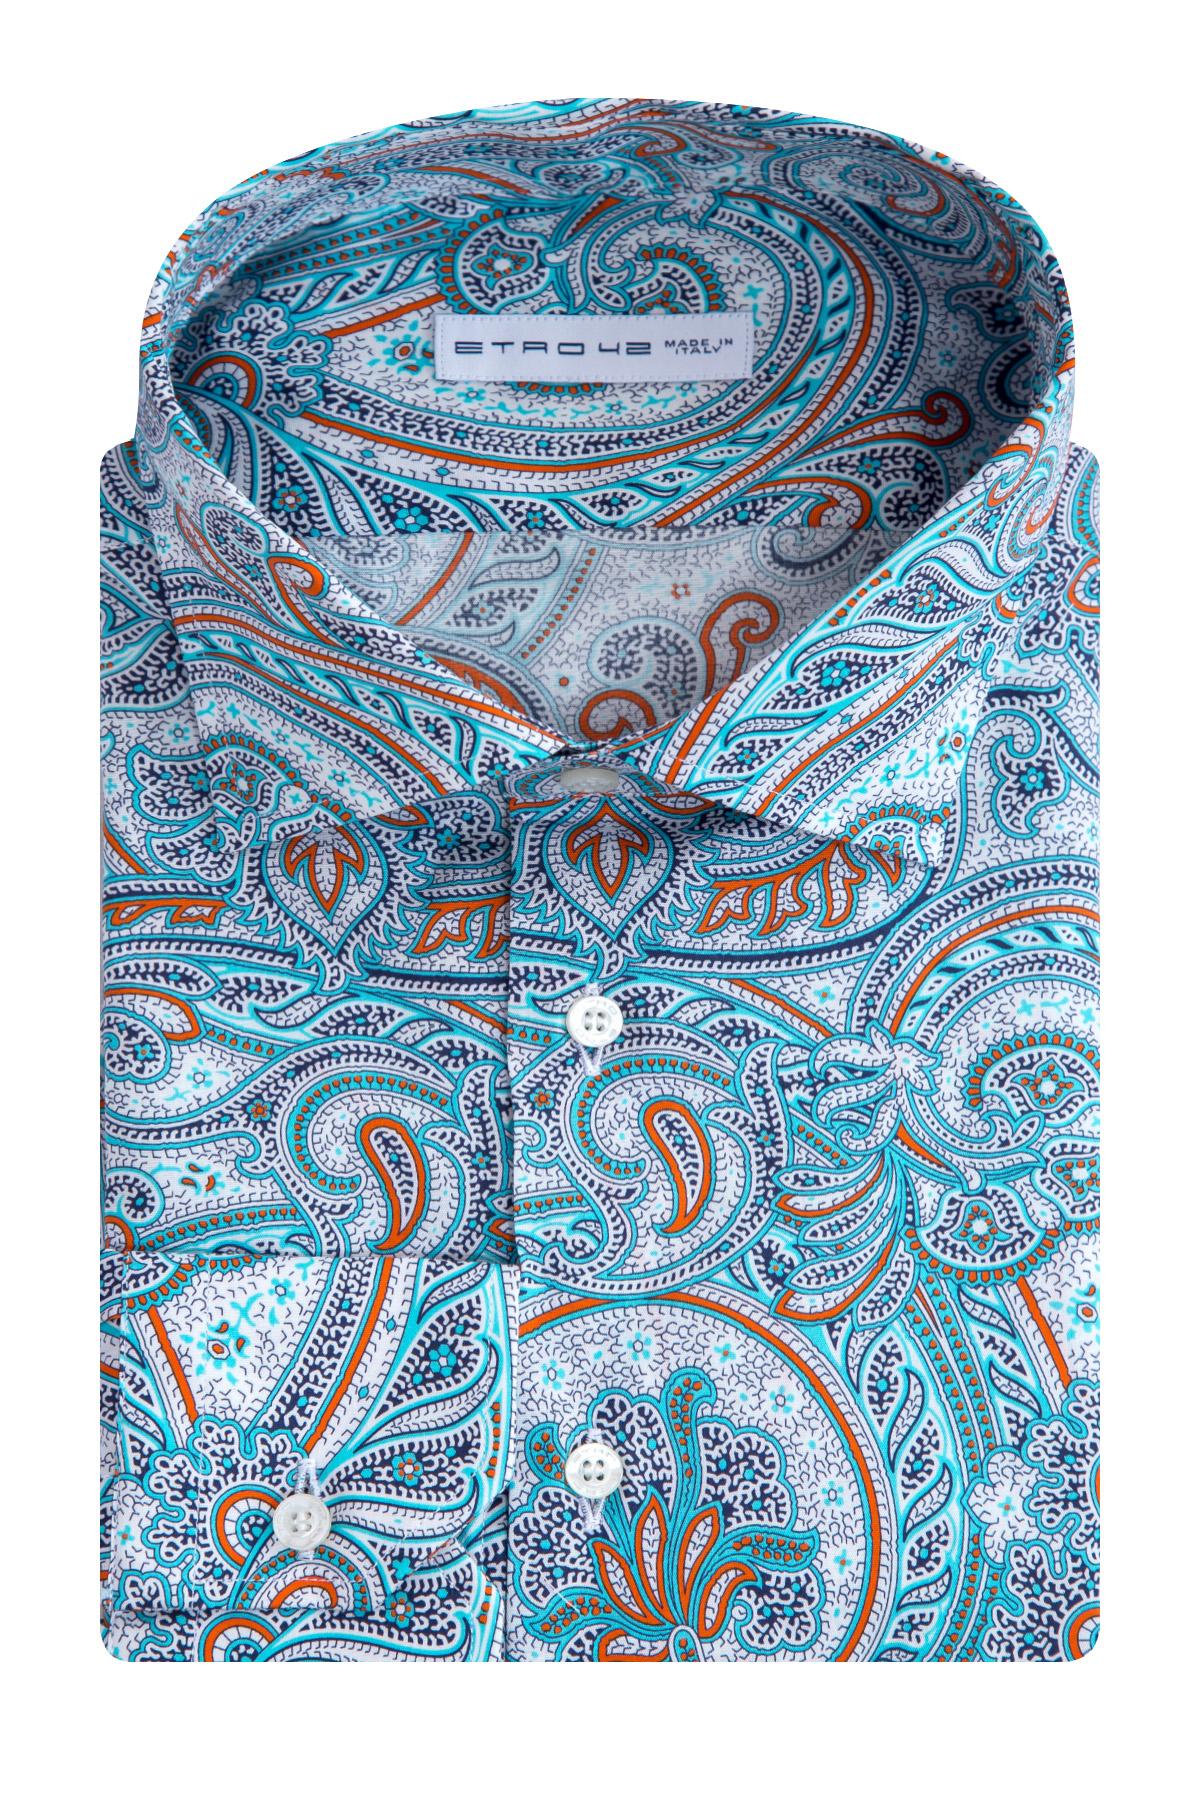 Купить Рубашка, ETRO, Италия, хлопок 96%, эластан 4%